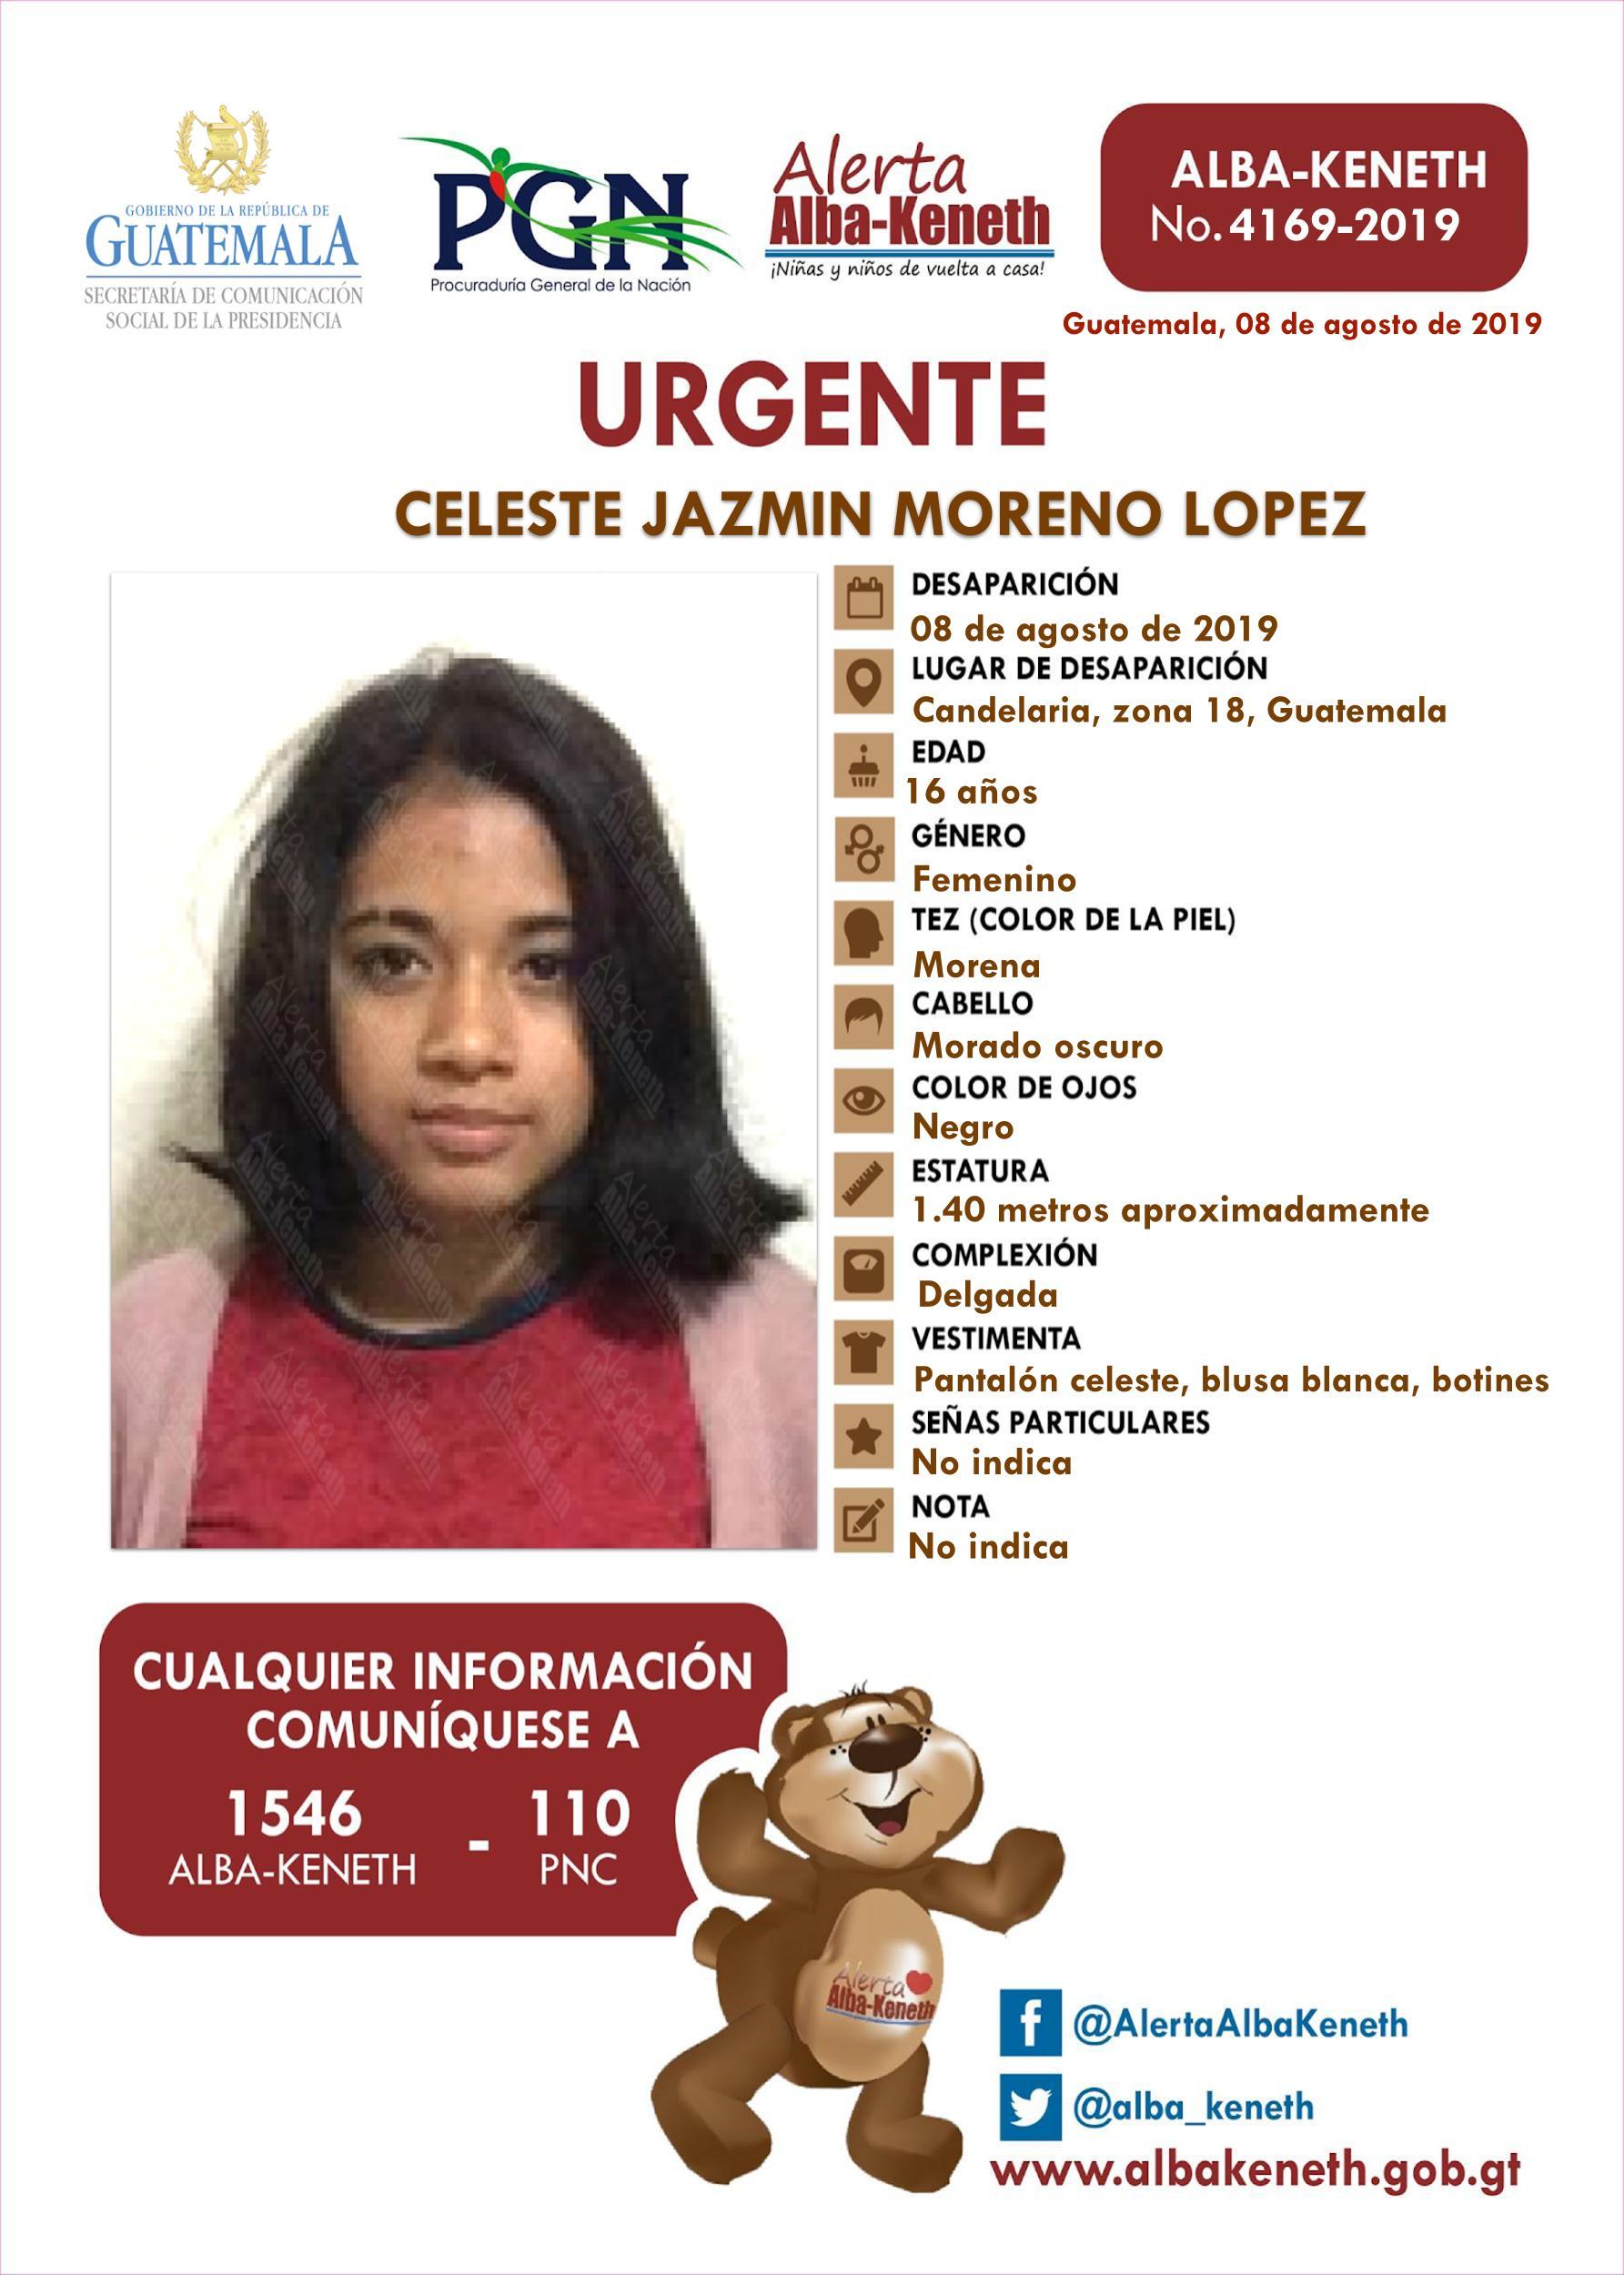 Celeste Jazmin Moreno Lopez